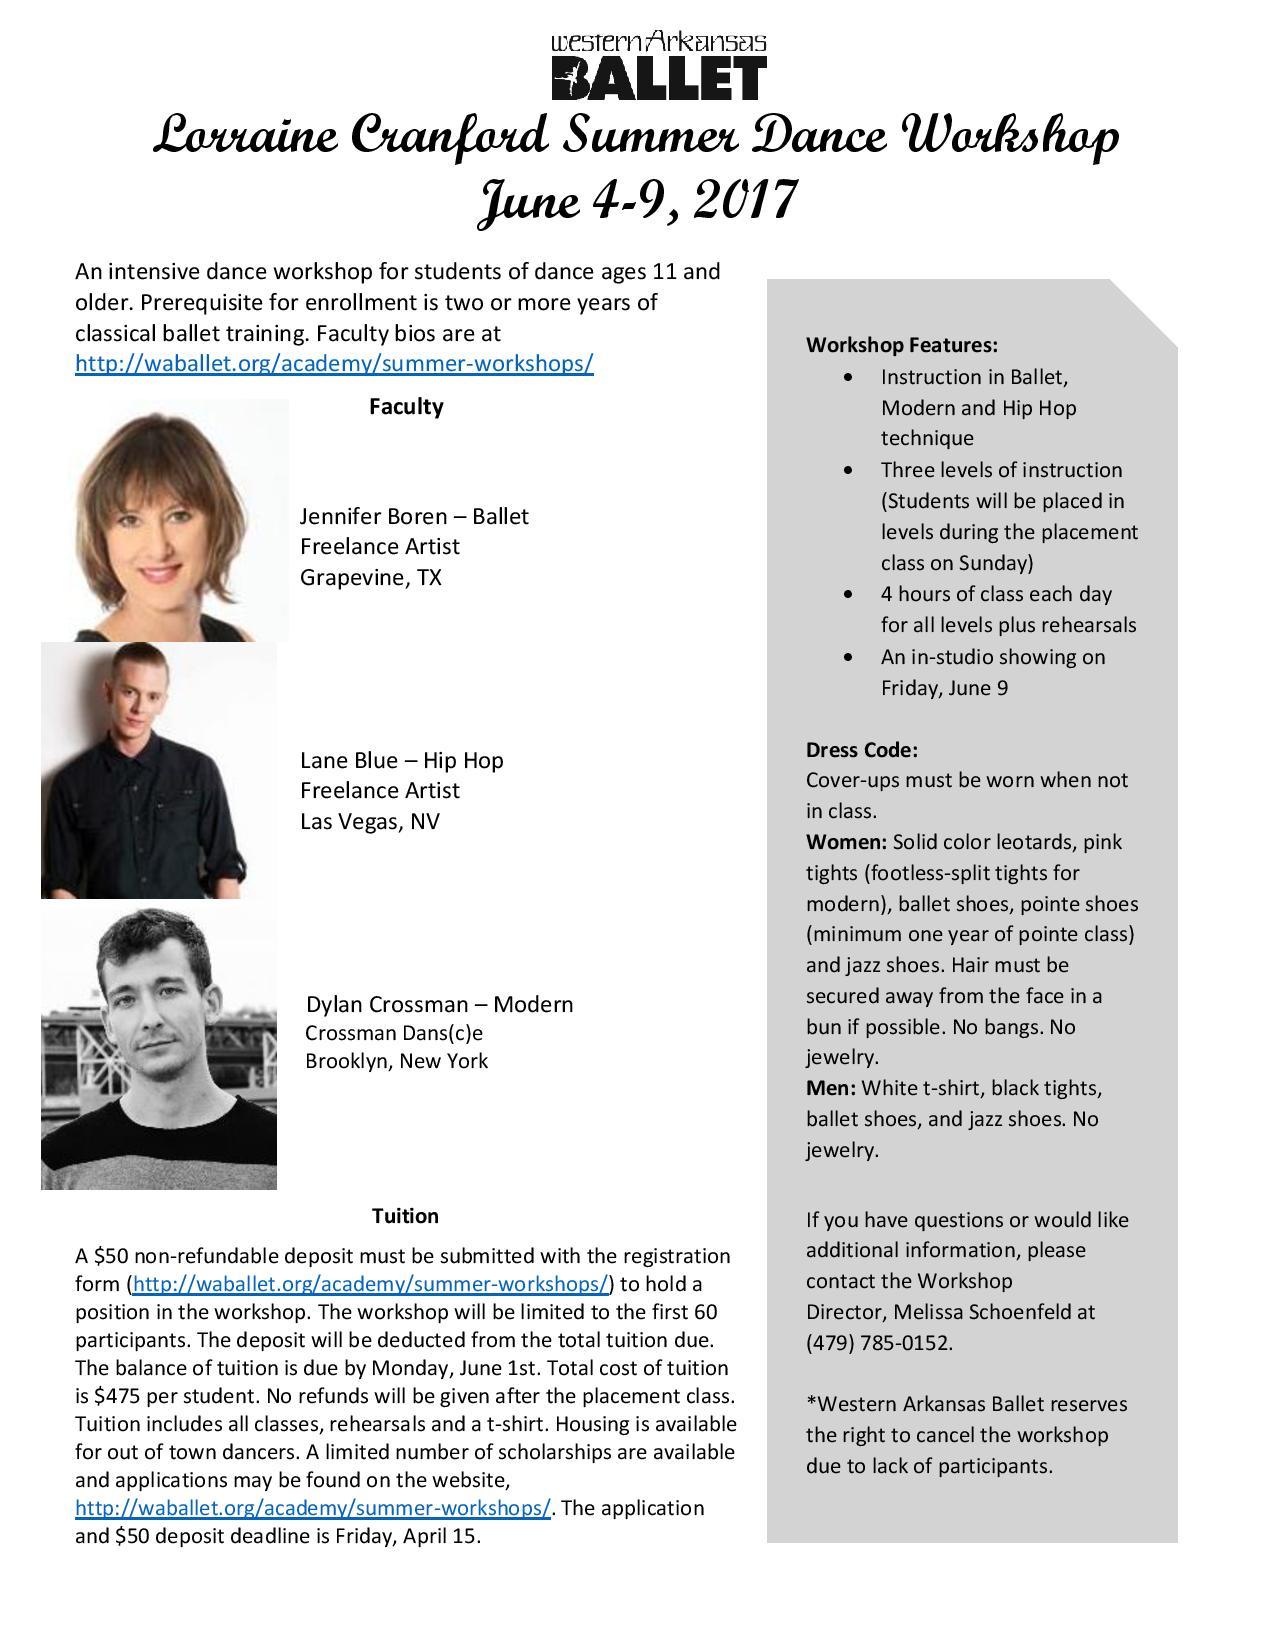 Lorraine Cranford Summer Dance Workshop Flyer-page-001